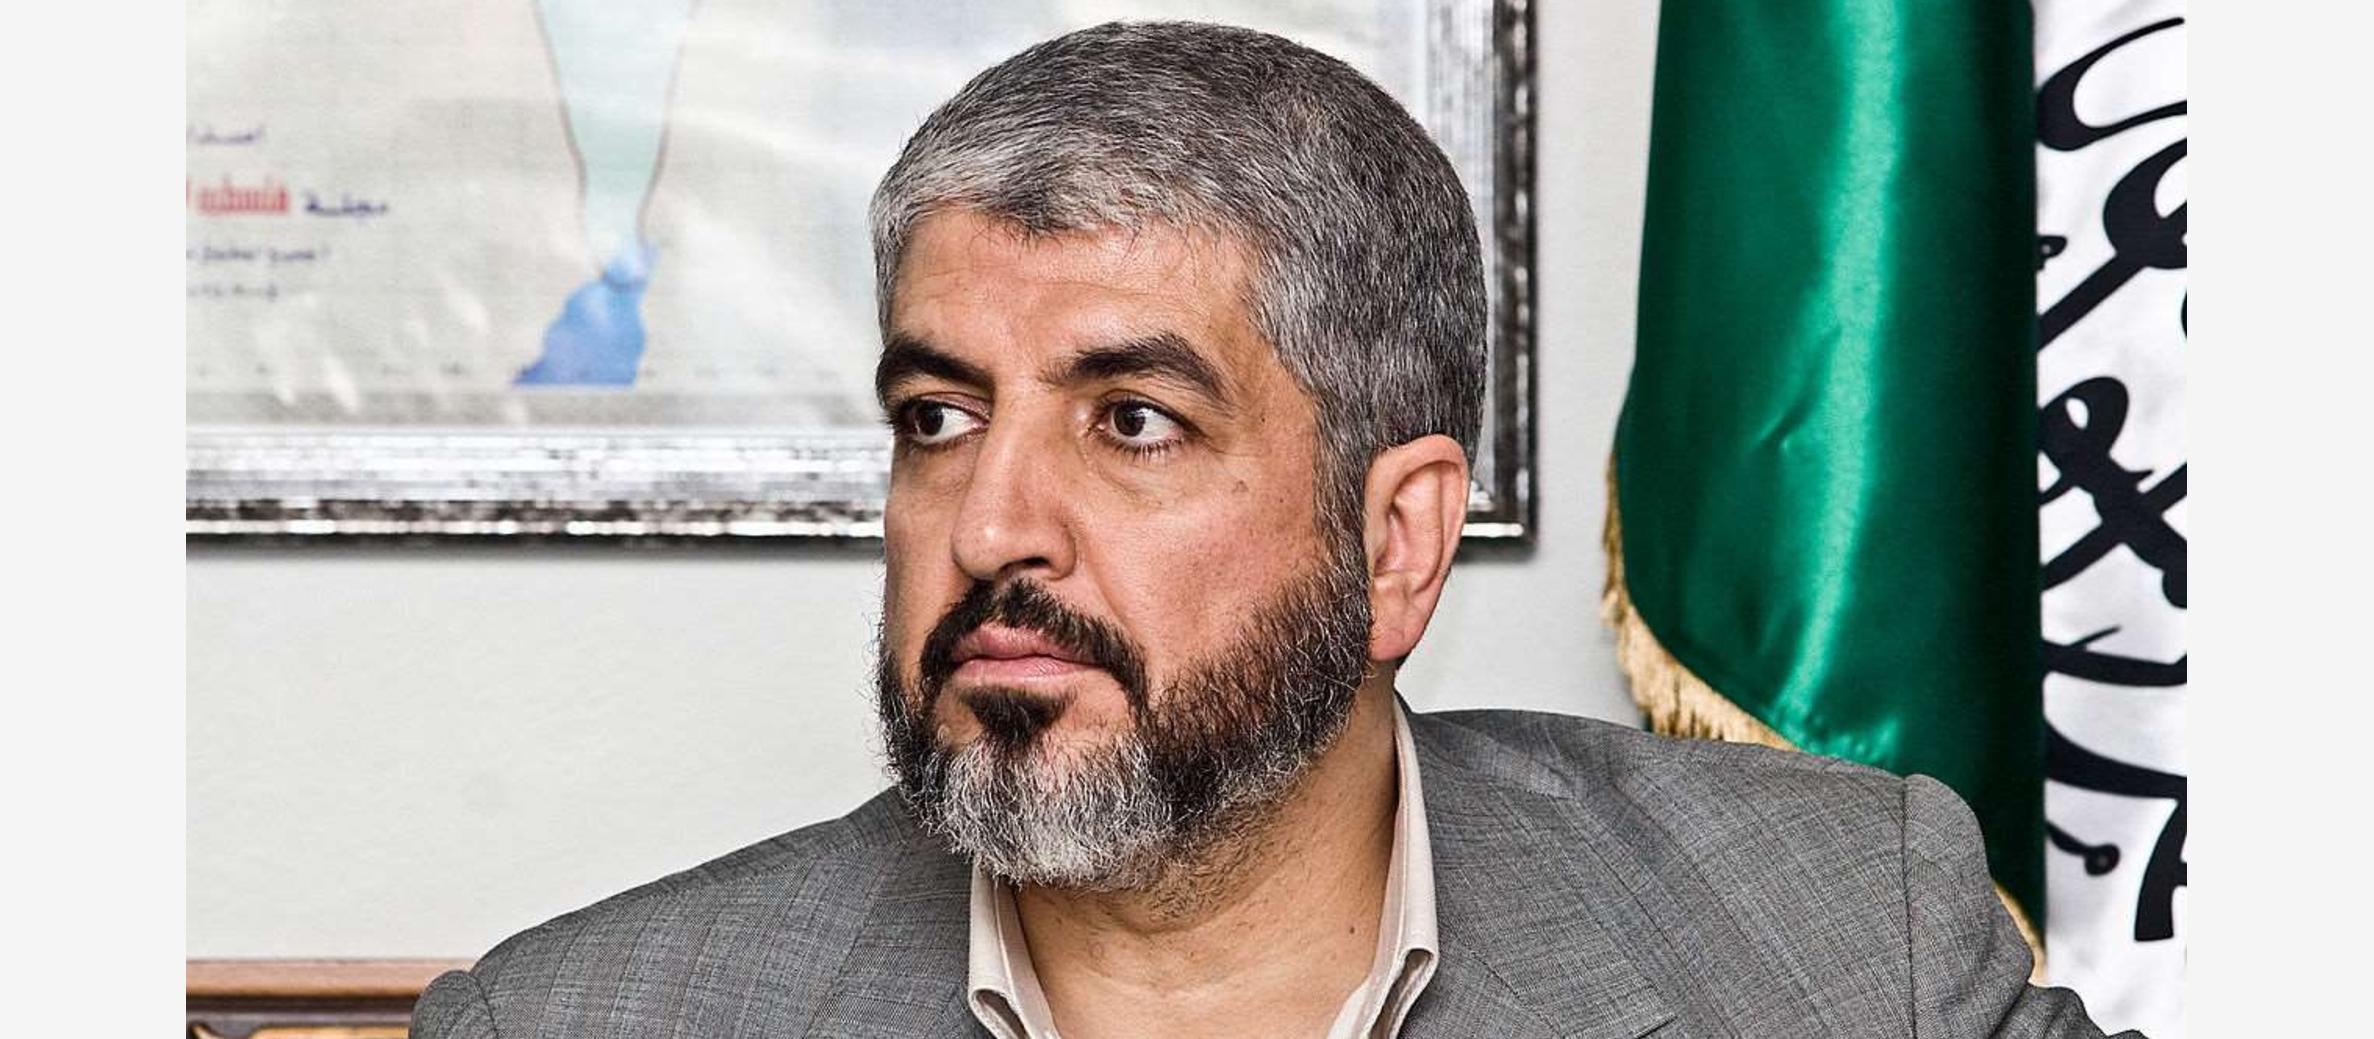 Hamas political leader urges more stabbing attacks